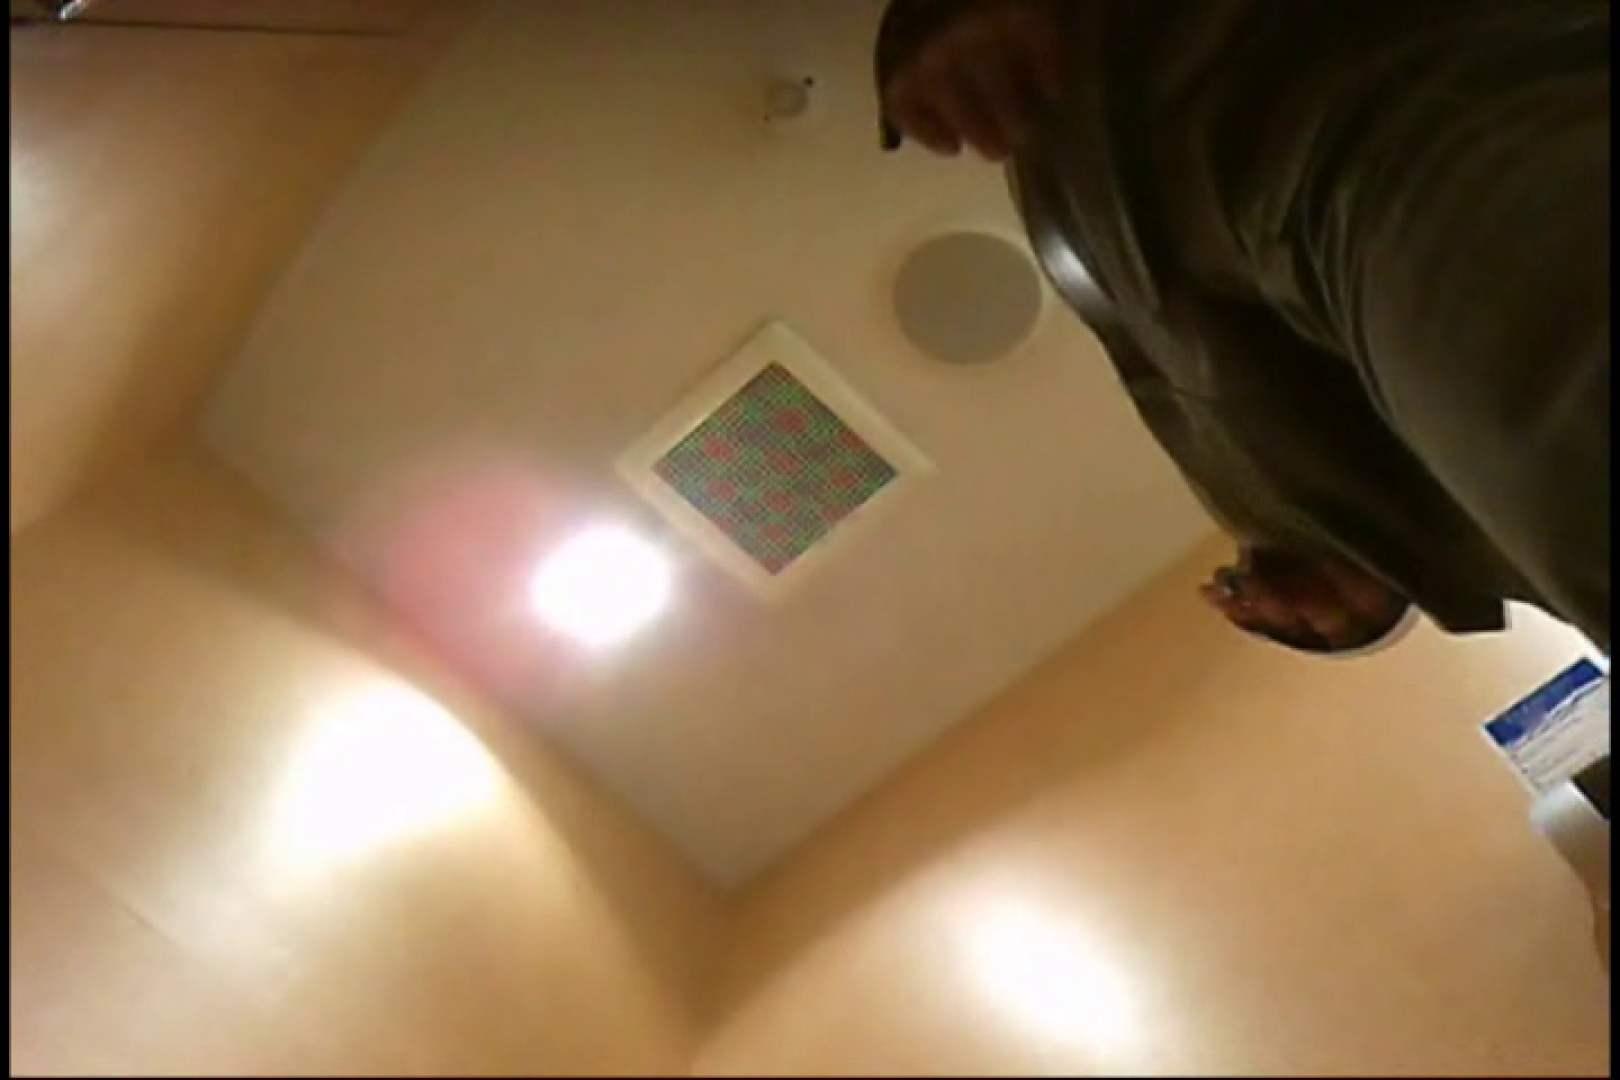 画質向上!新亀さん厠 vol.83 厠隠し撮り AV動画キャプチャ 99pic 77